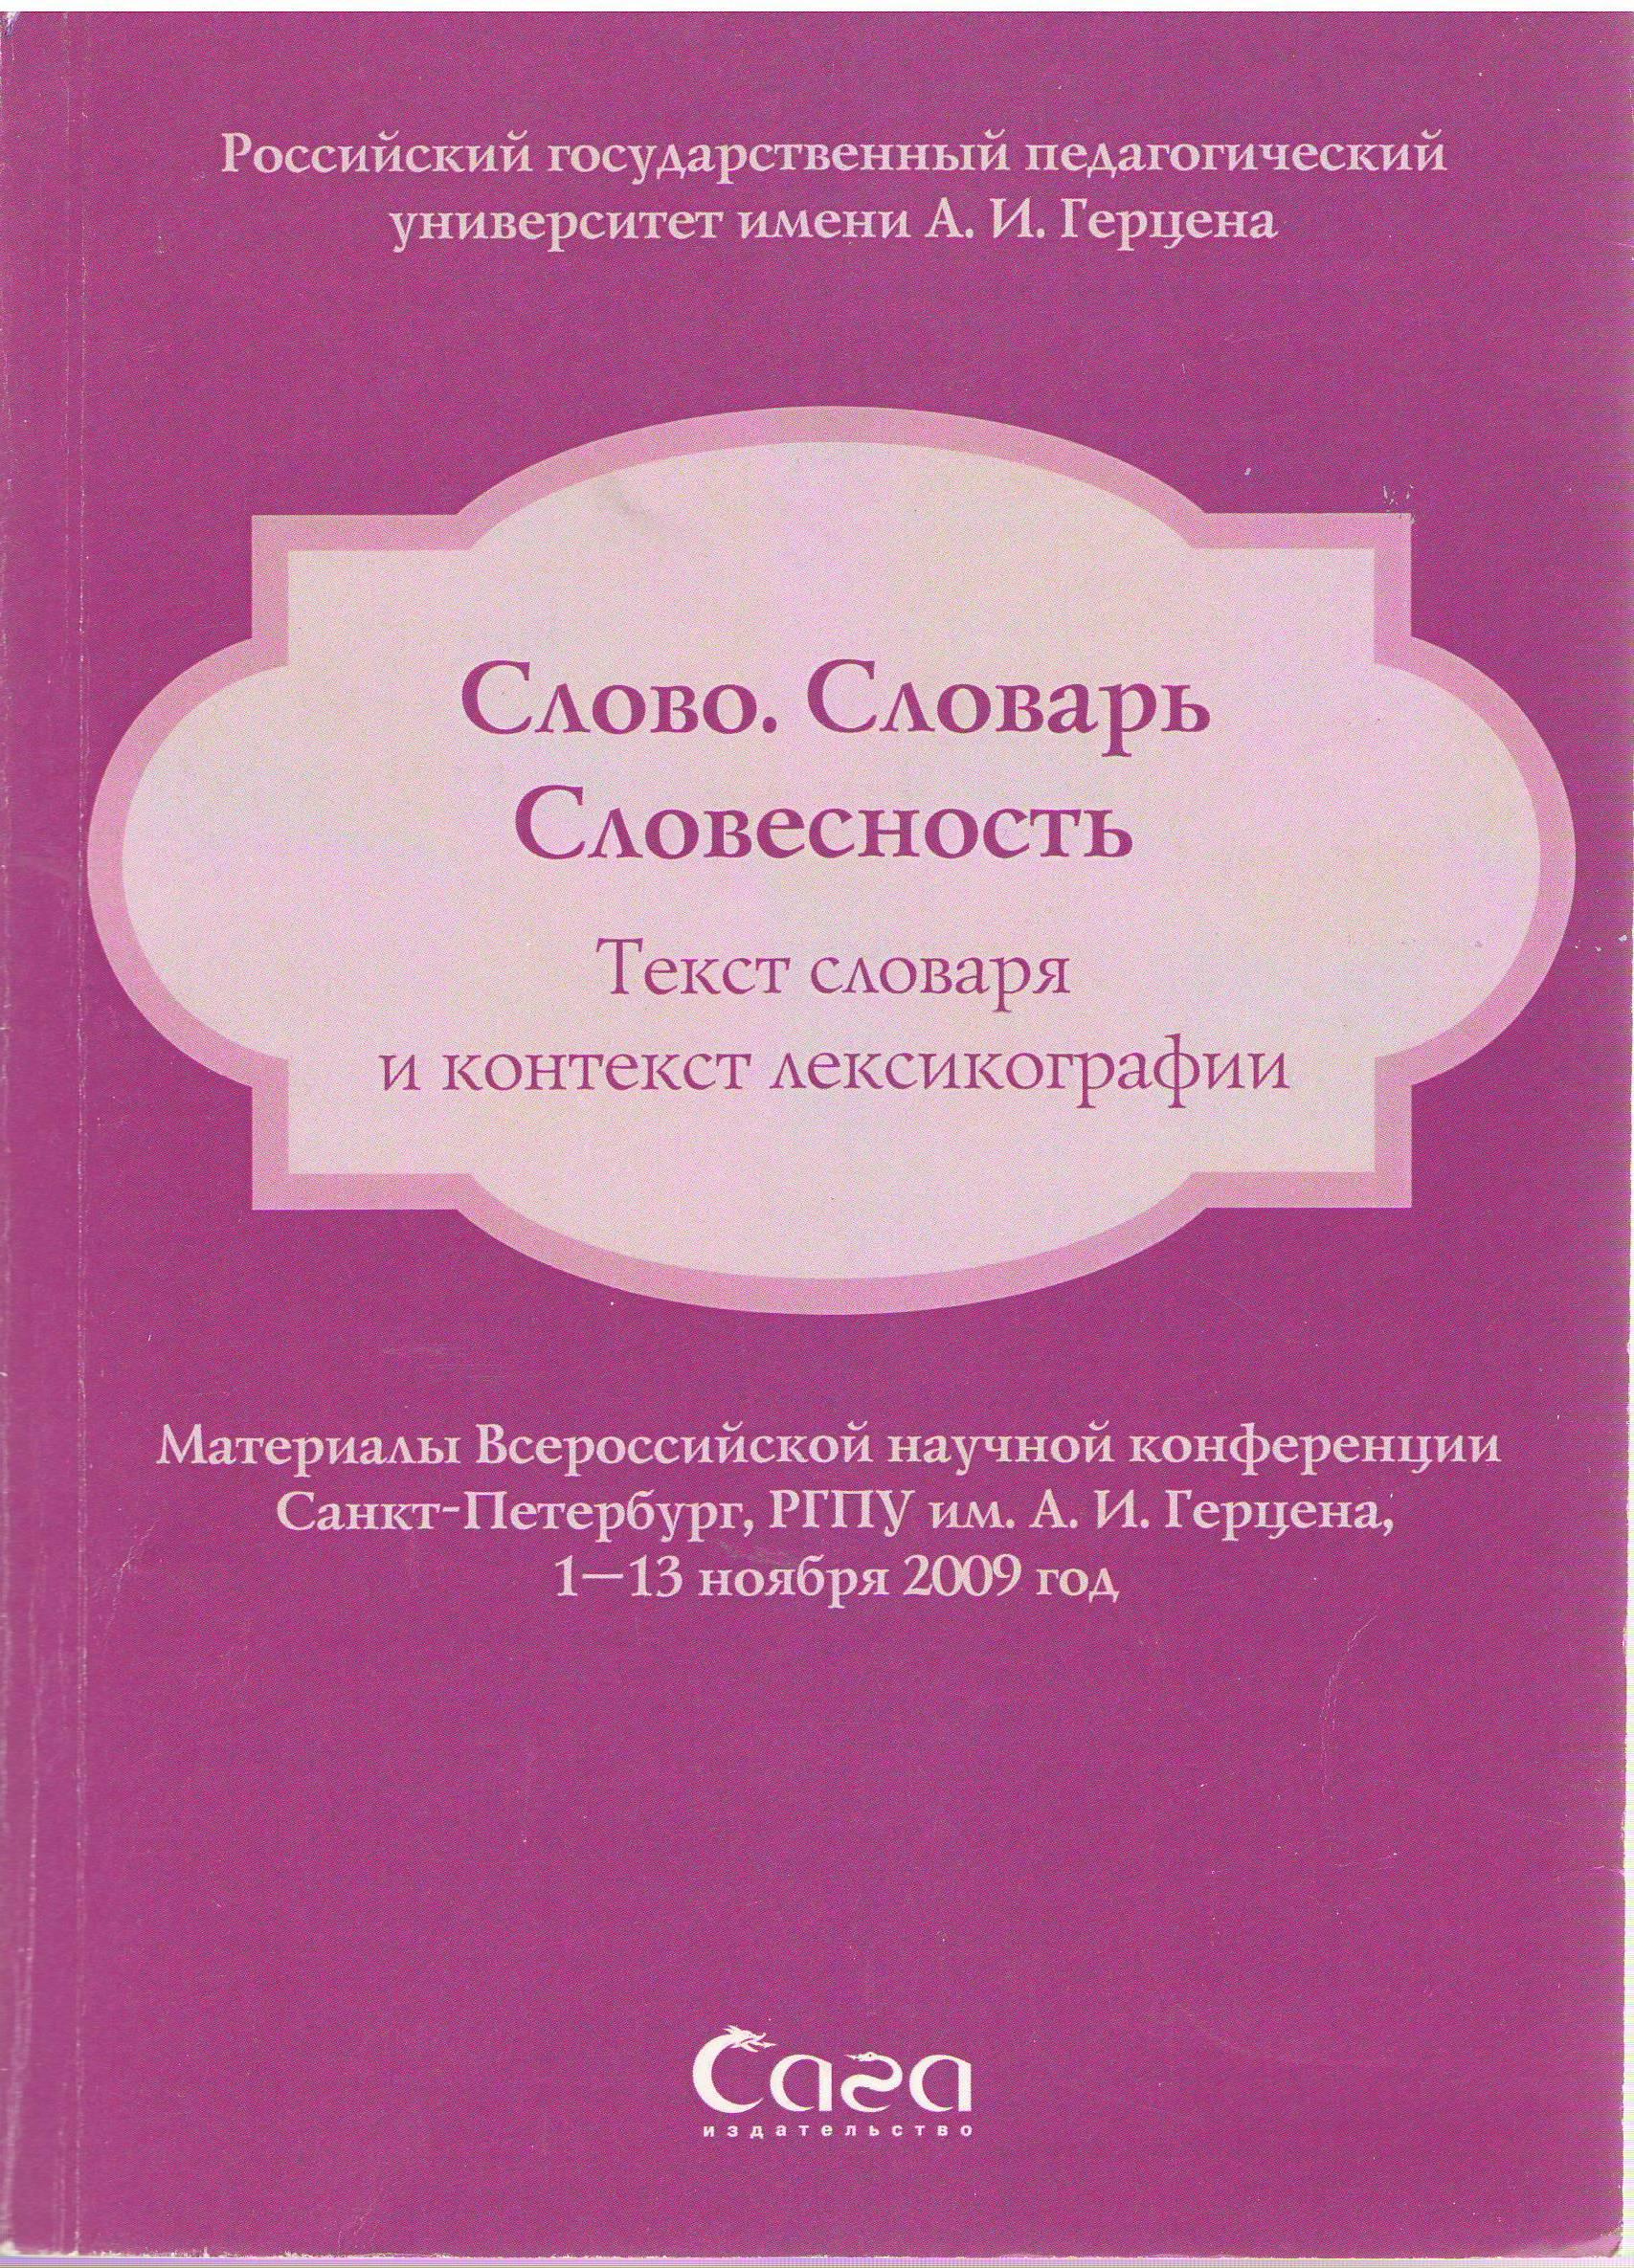 Идиоглоссарий как тип словаря писателя (на примере повести А. Платонова «Котлован»)